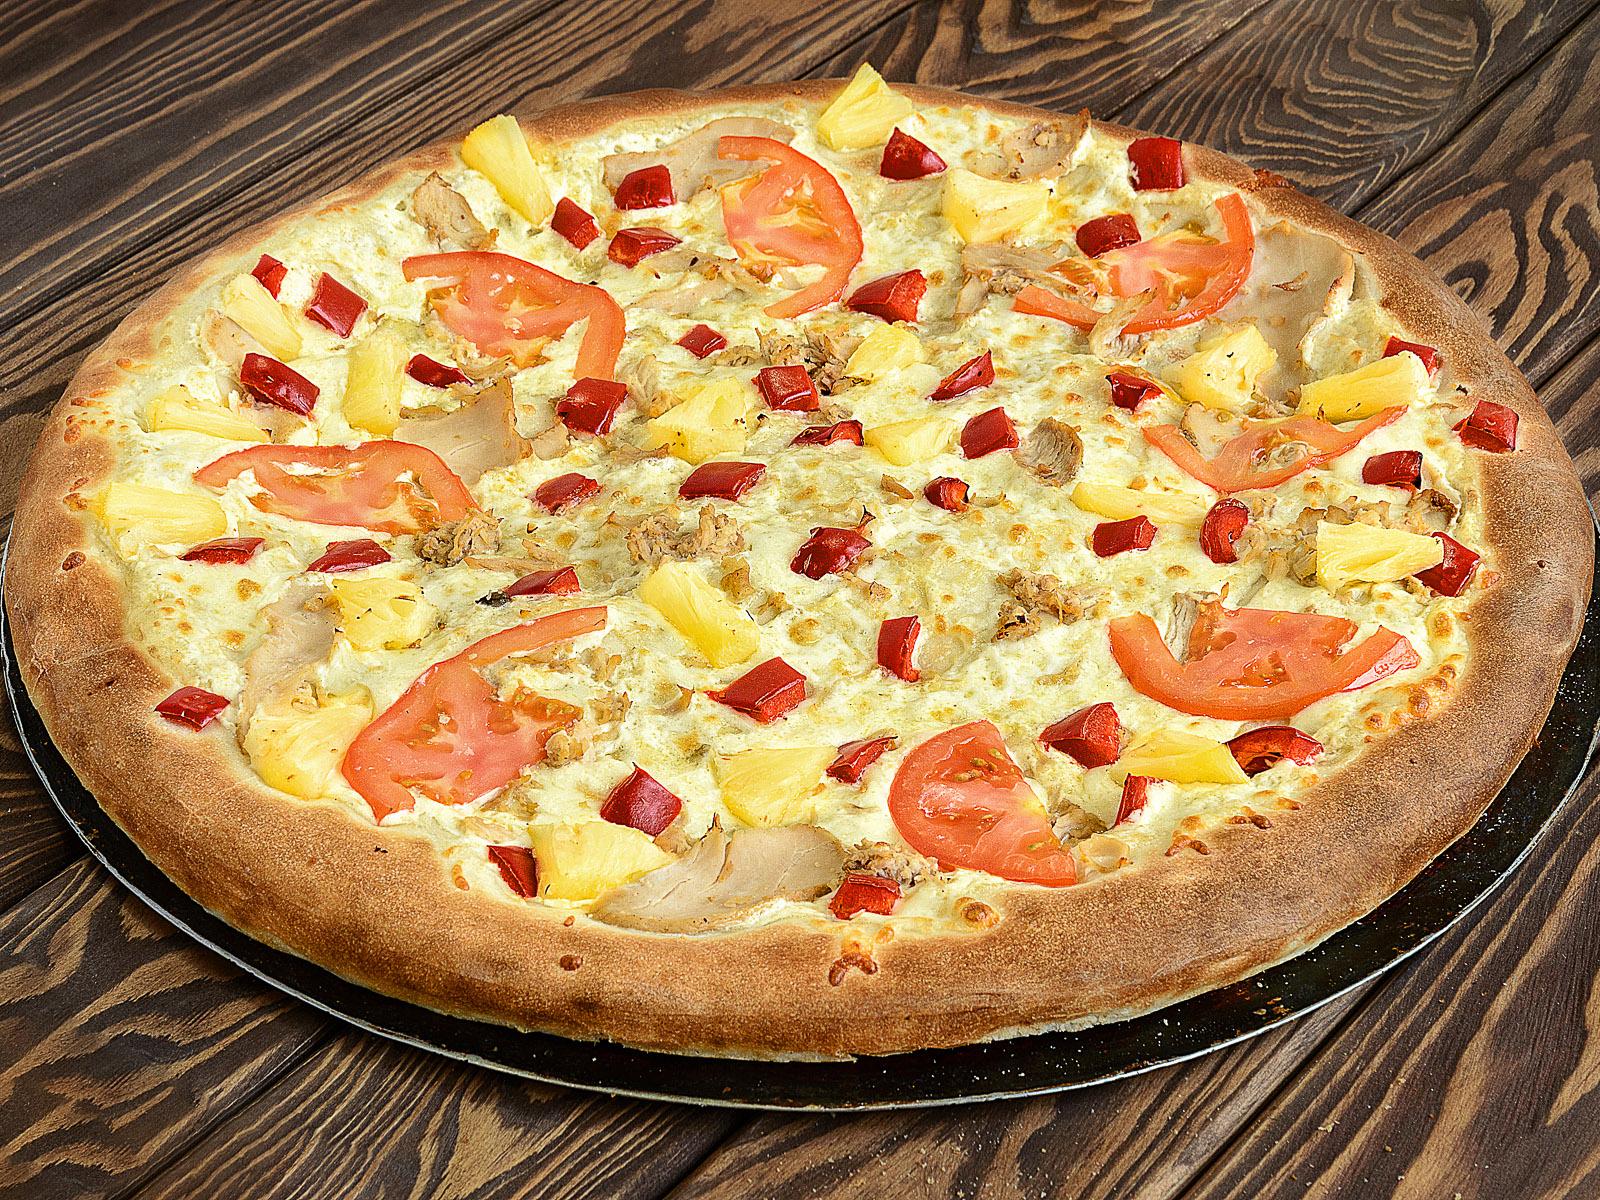 Пицца Гавайская в ресторане Лео